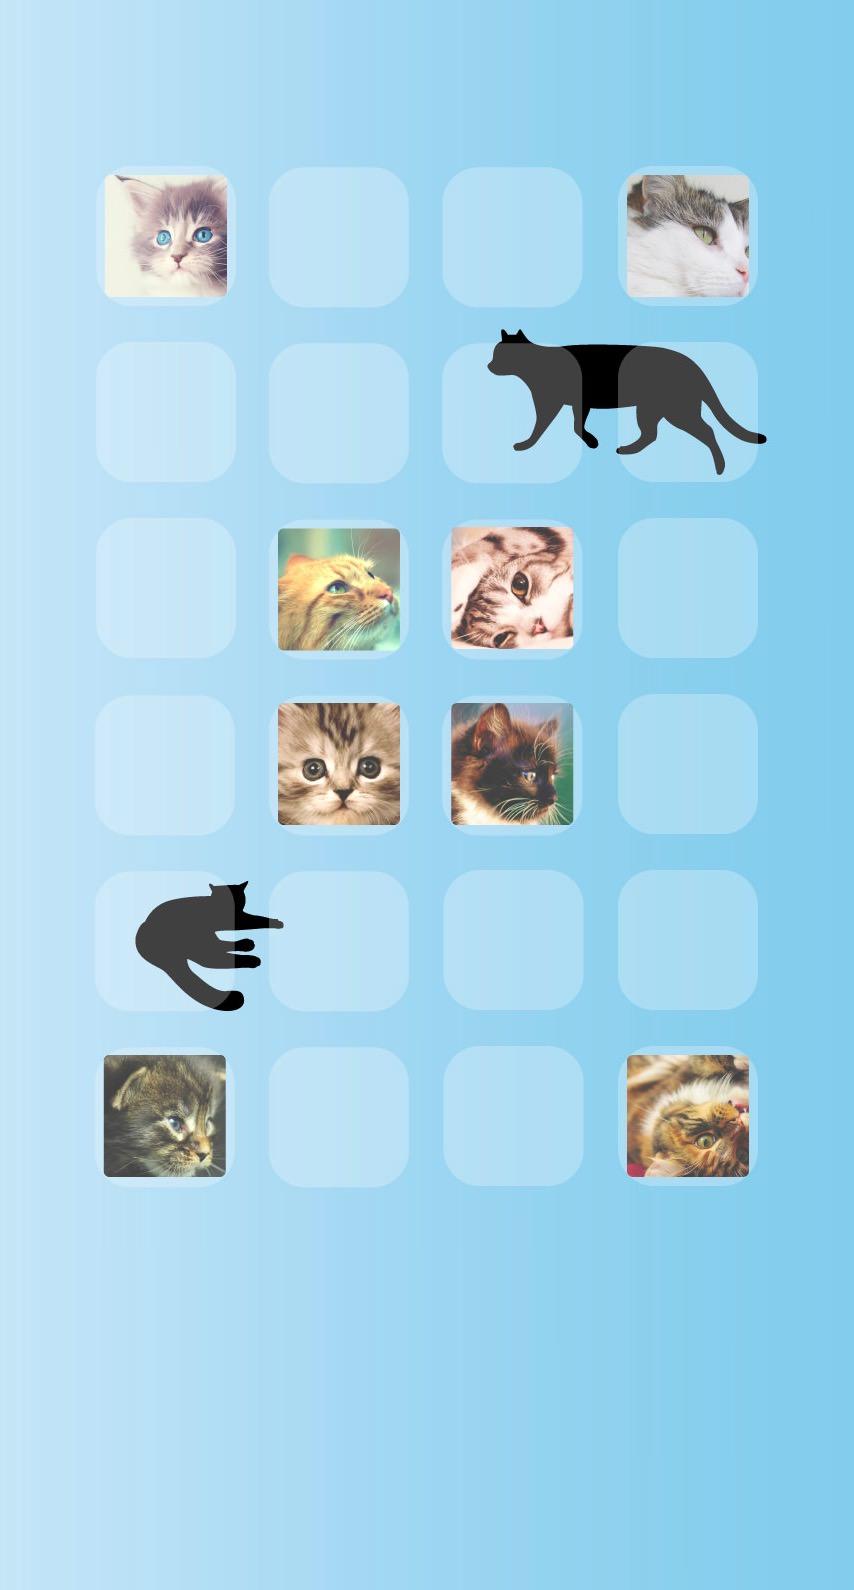 棚猫青の iPhone6s / iPhone6 壁紙